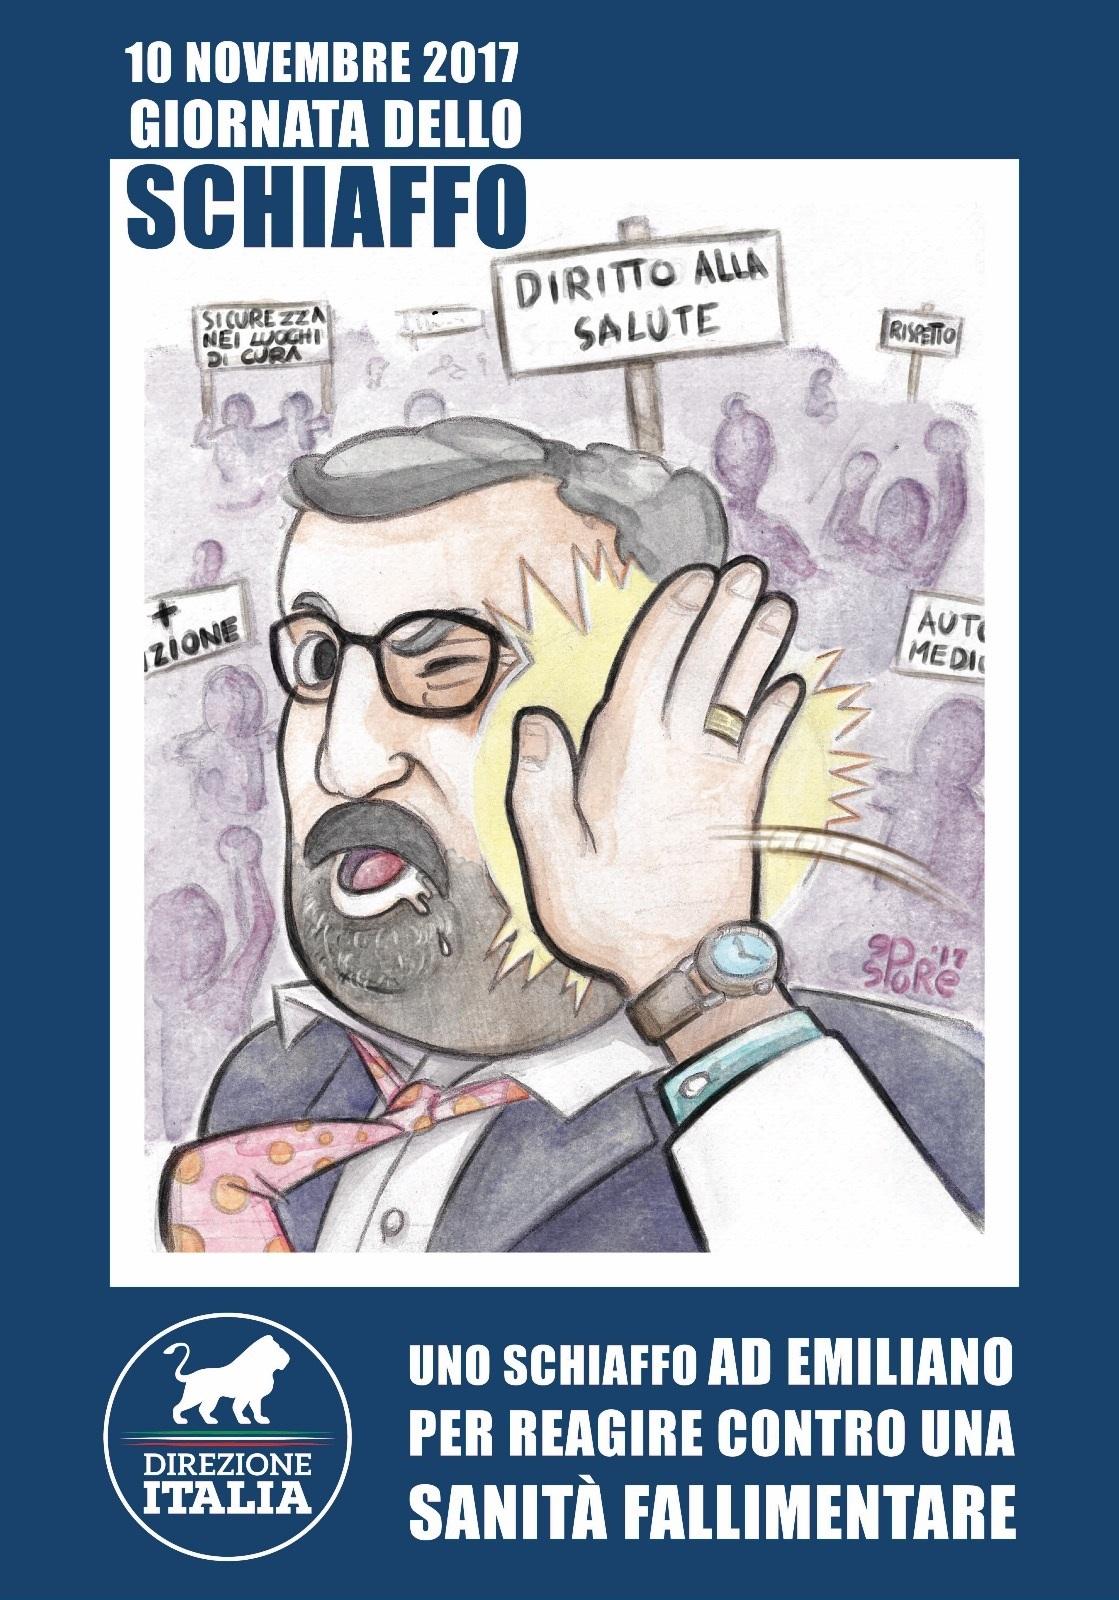 Giornata schiaffo anti Emiliano,proteste